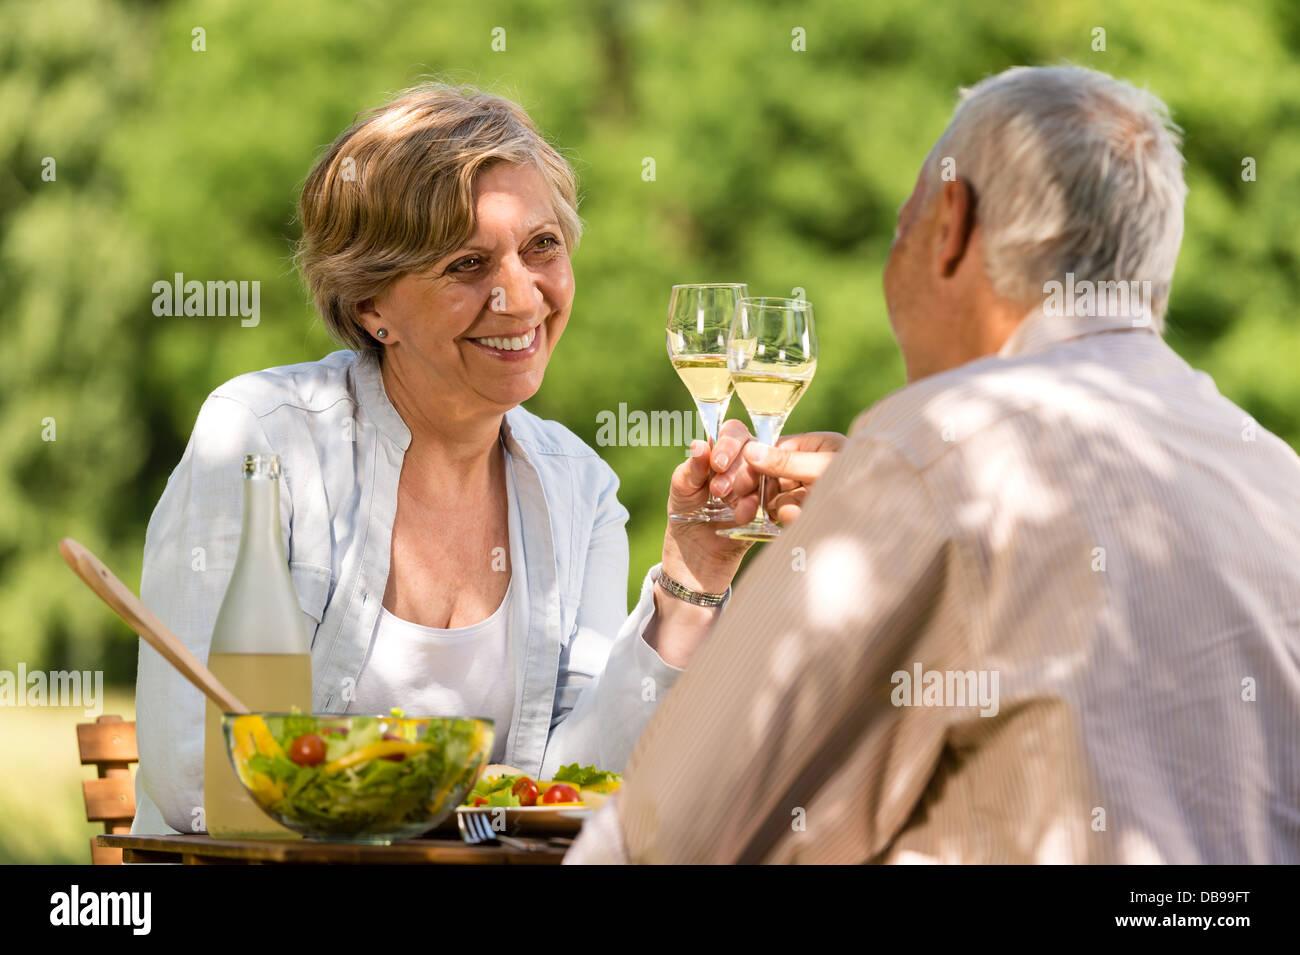 Heureux les personnes âgées clinking glasses in garden Photo Stock